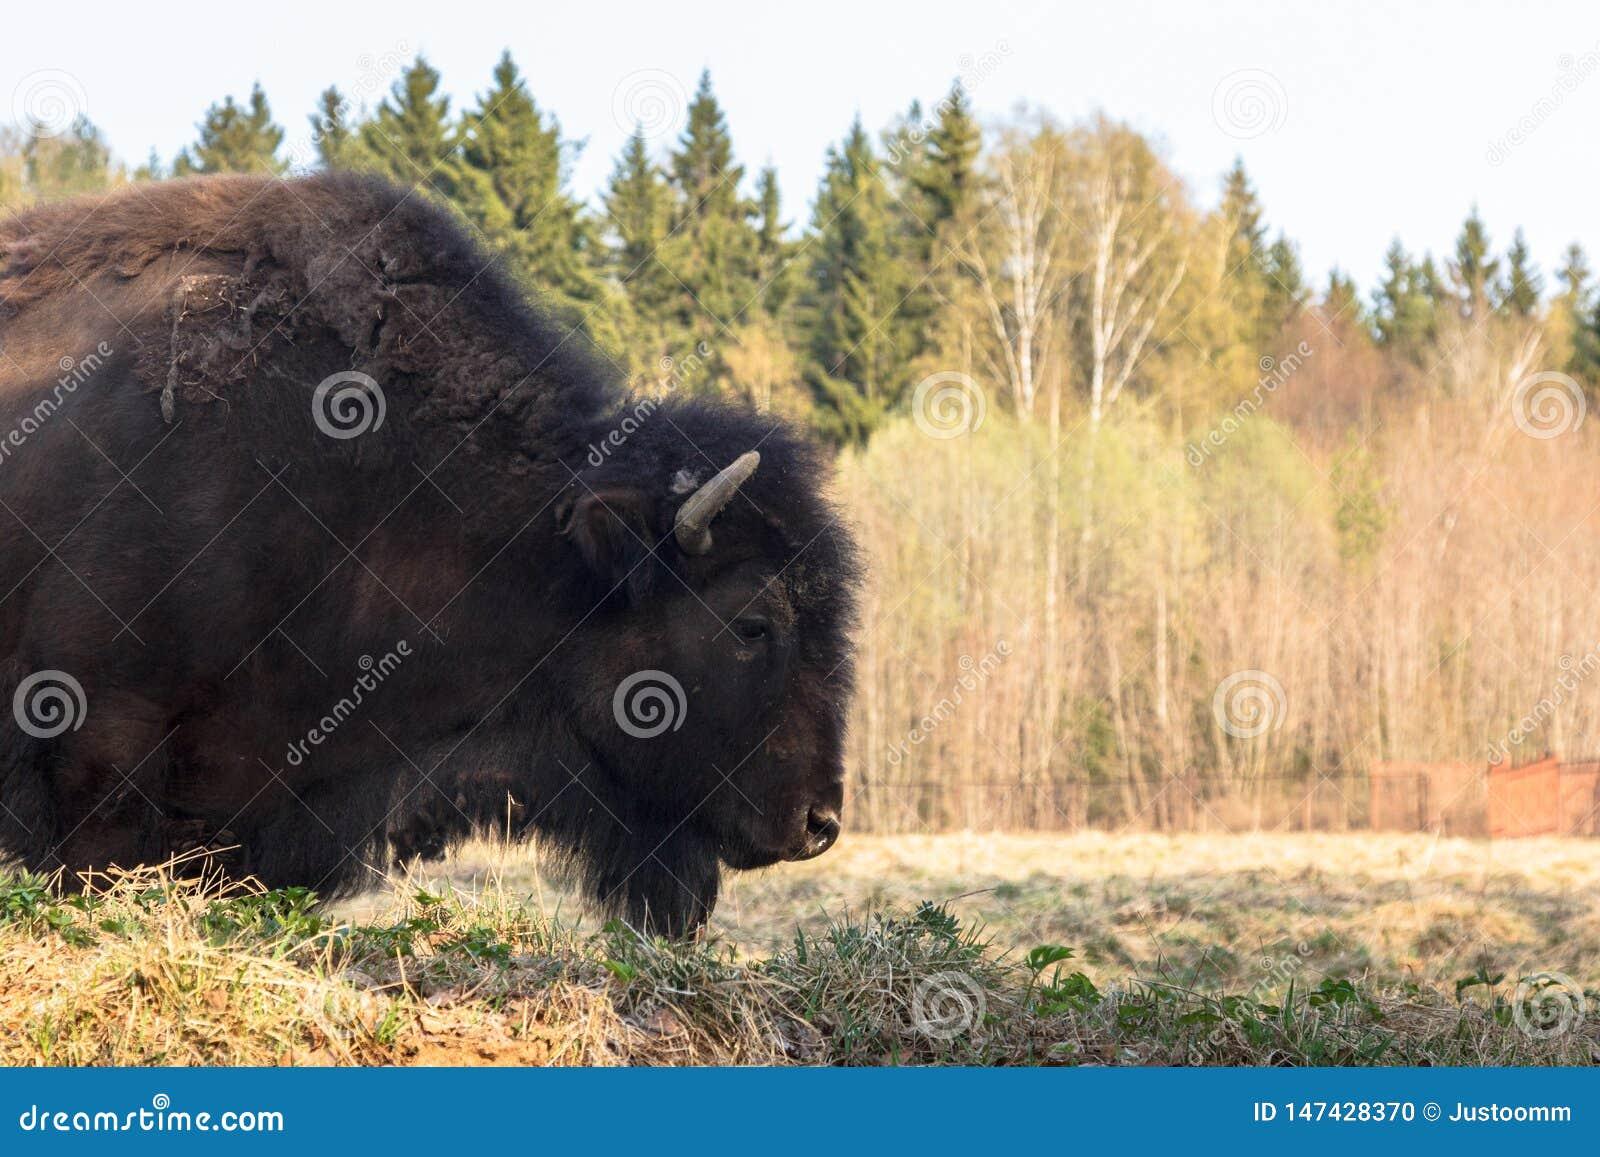 Den enorma bisonen går över fältet och äter filialer och gräs som fotograferas i den nordliga delen av Ryssland